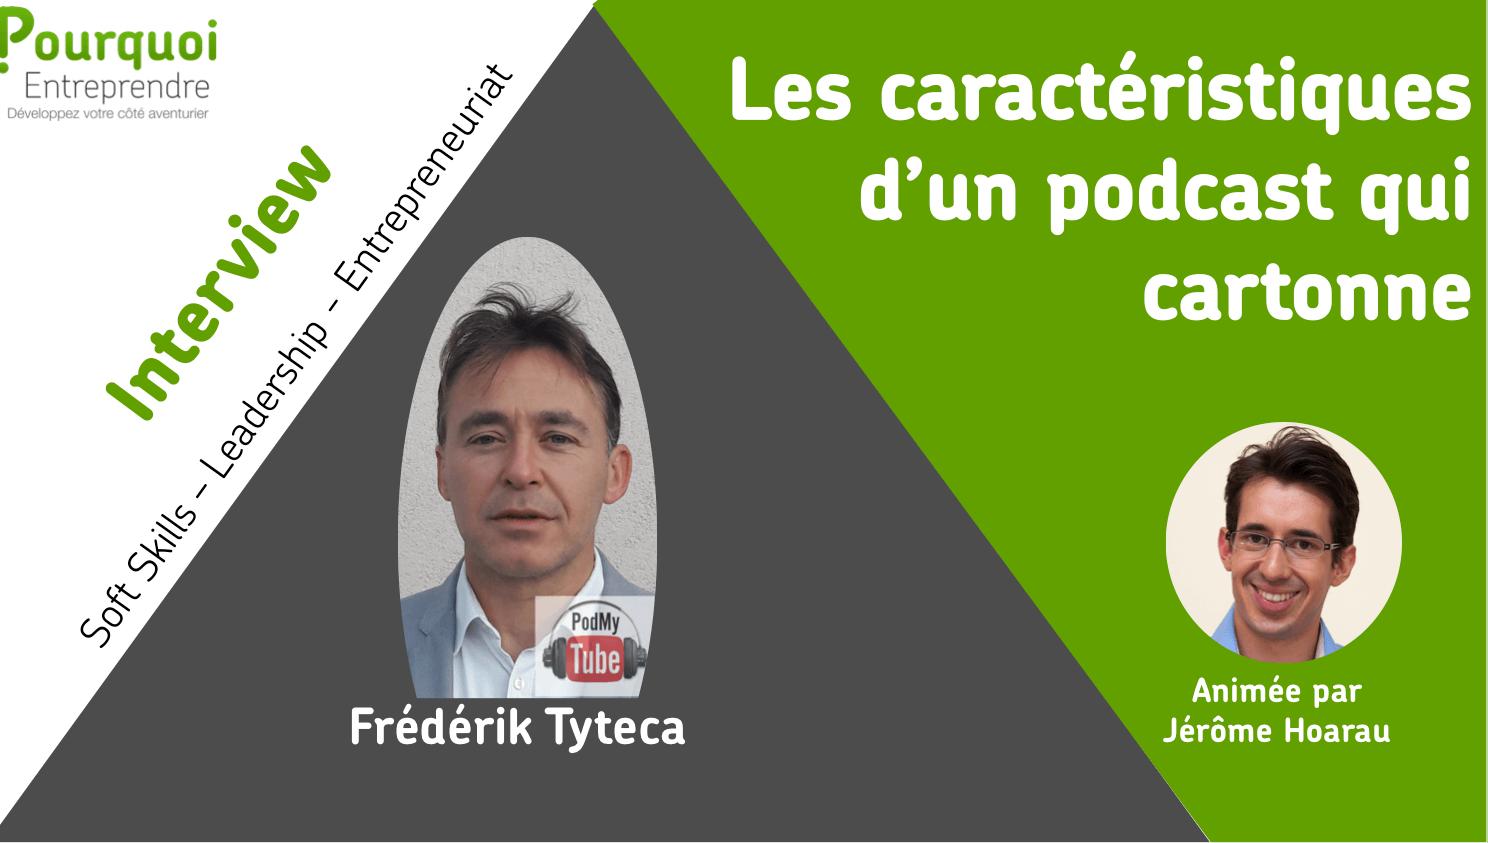 Frederik-Tyteca-interview-PodMyTube